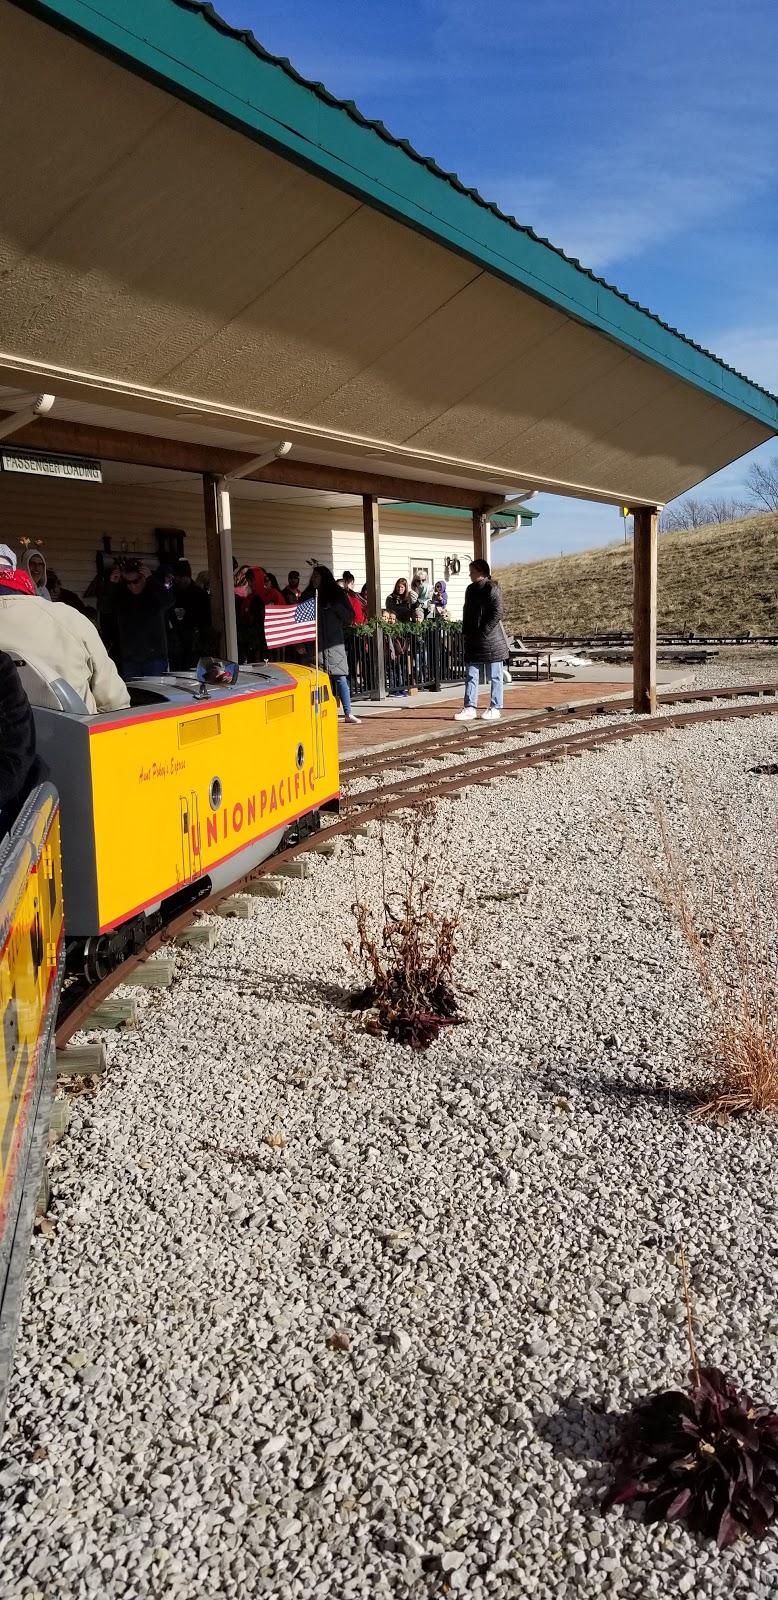 Watson Steam Train & Depot - museum  | Photo 10 of 10 | Address: 800 W Huron St, Missouri Valley, IA 51555, USA | Phone: (712) 642-2210